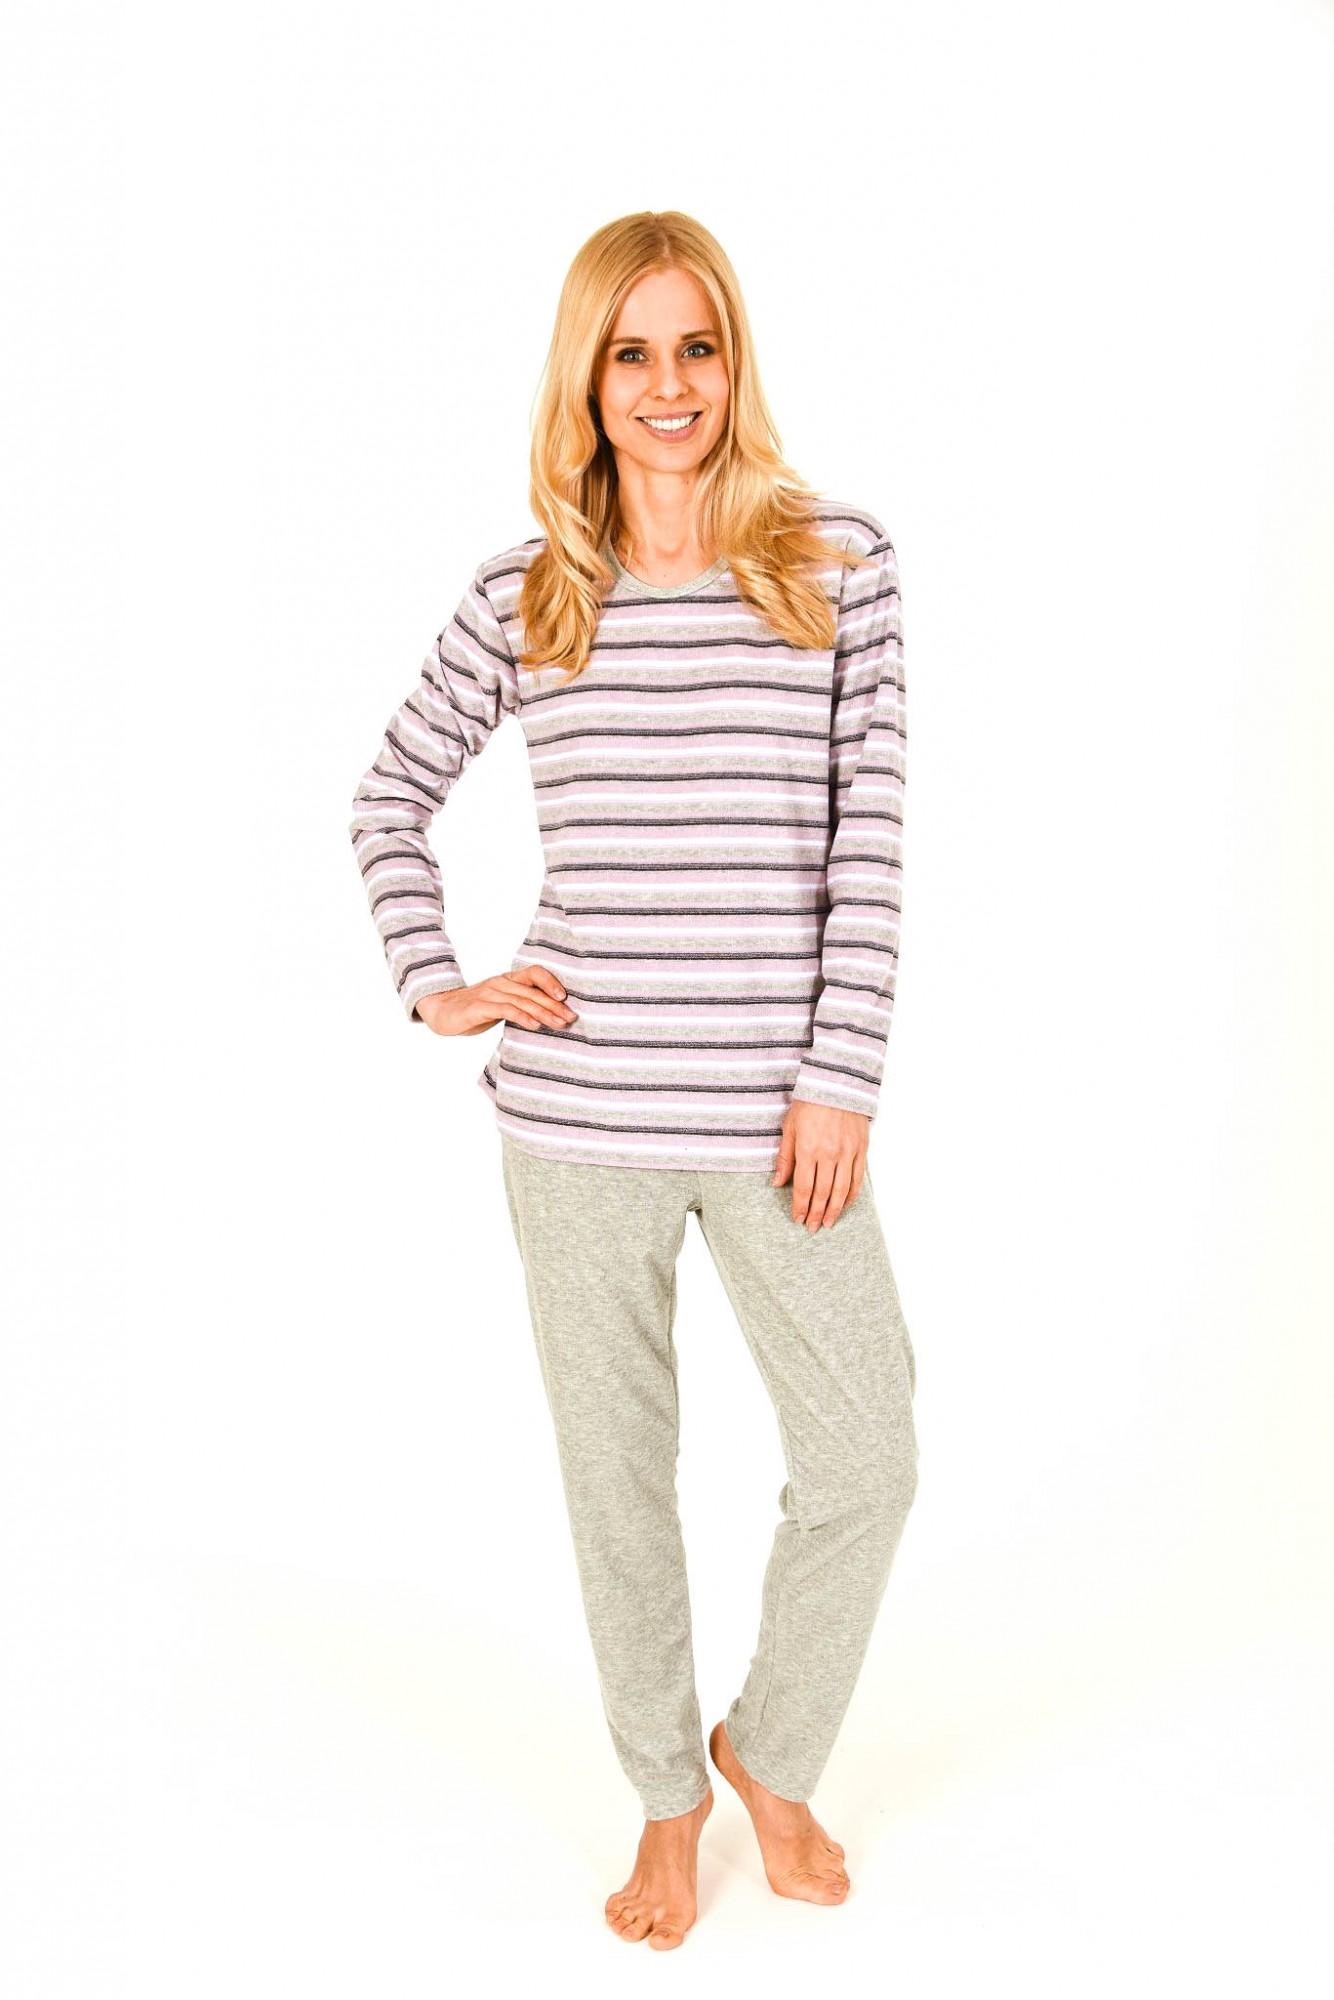 Damen Frottee Pyjama lang im Streifendesign – auch in Übergrössen – 201 93 235 – Bild 1